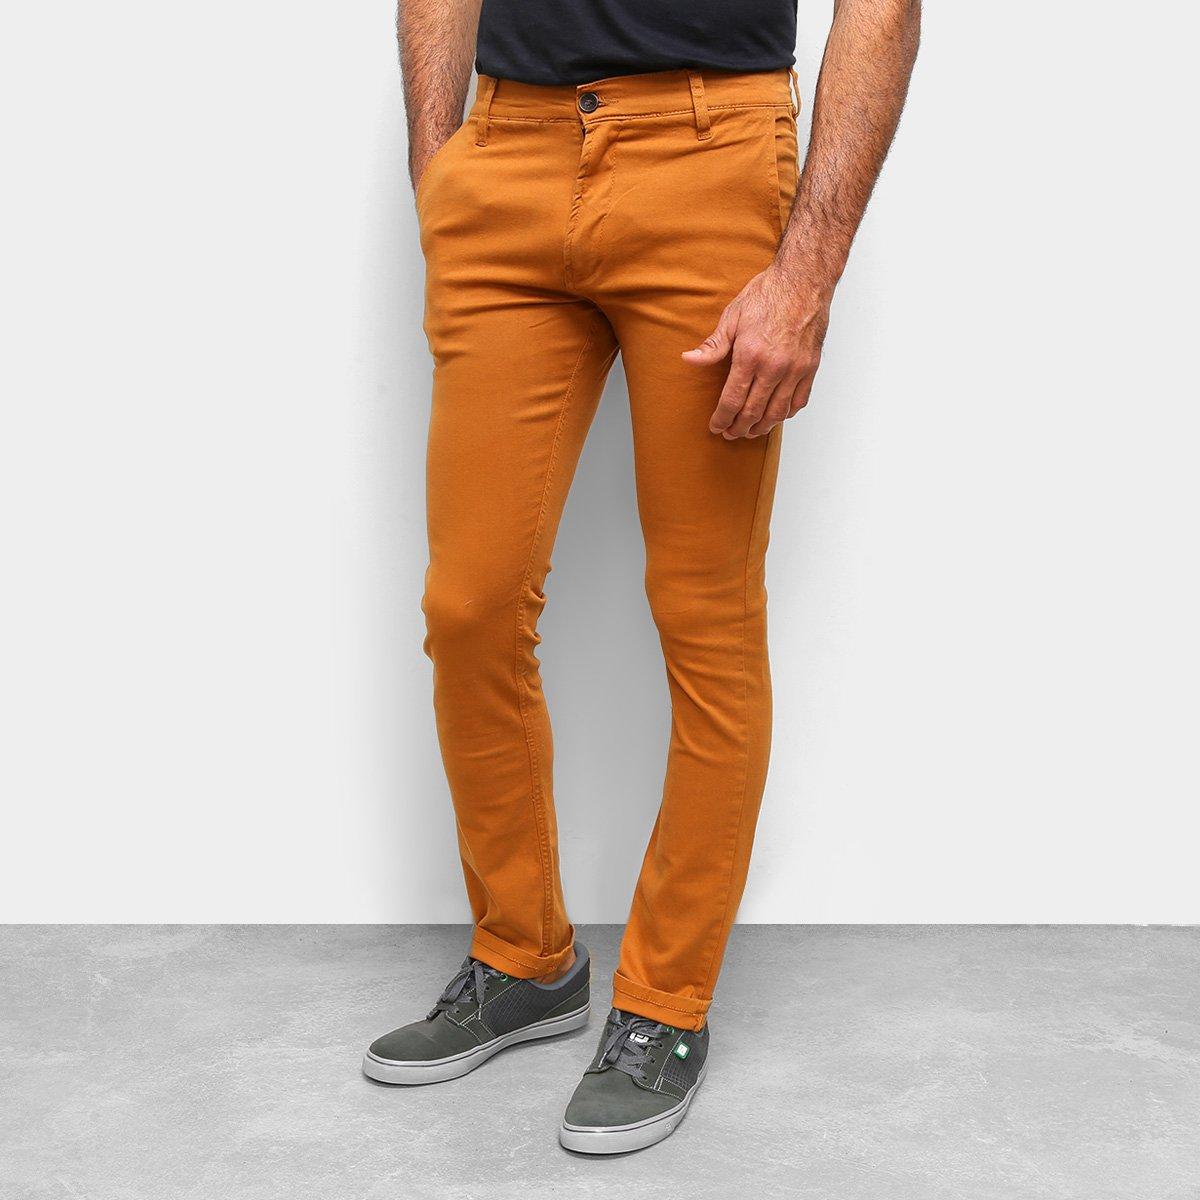 Calça HD Color Masculina